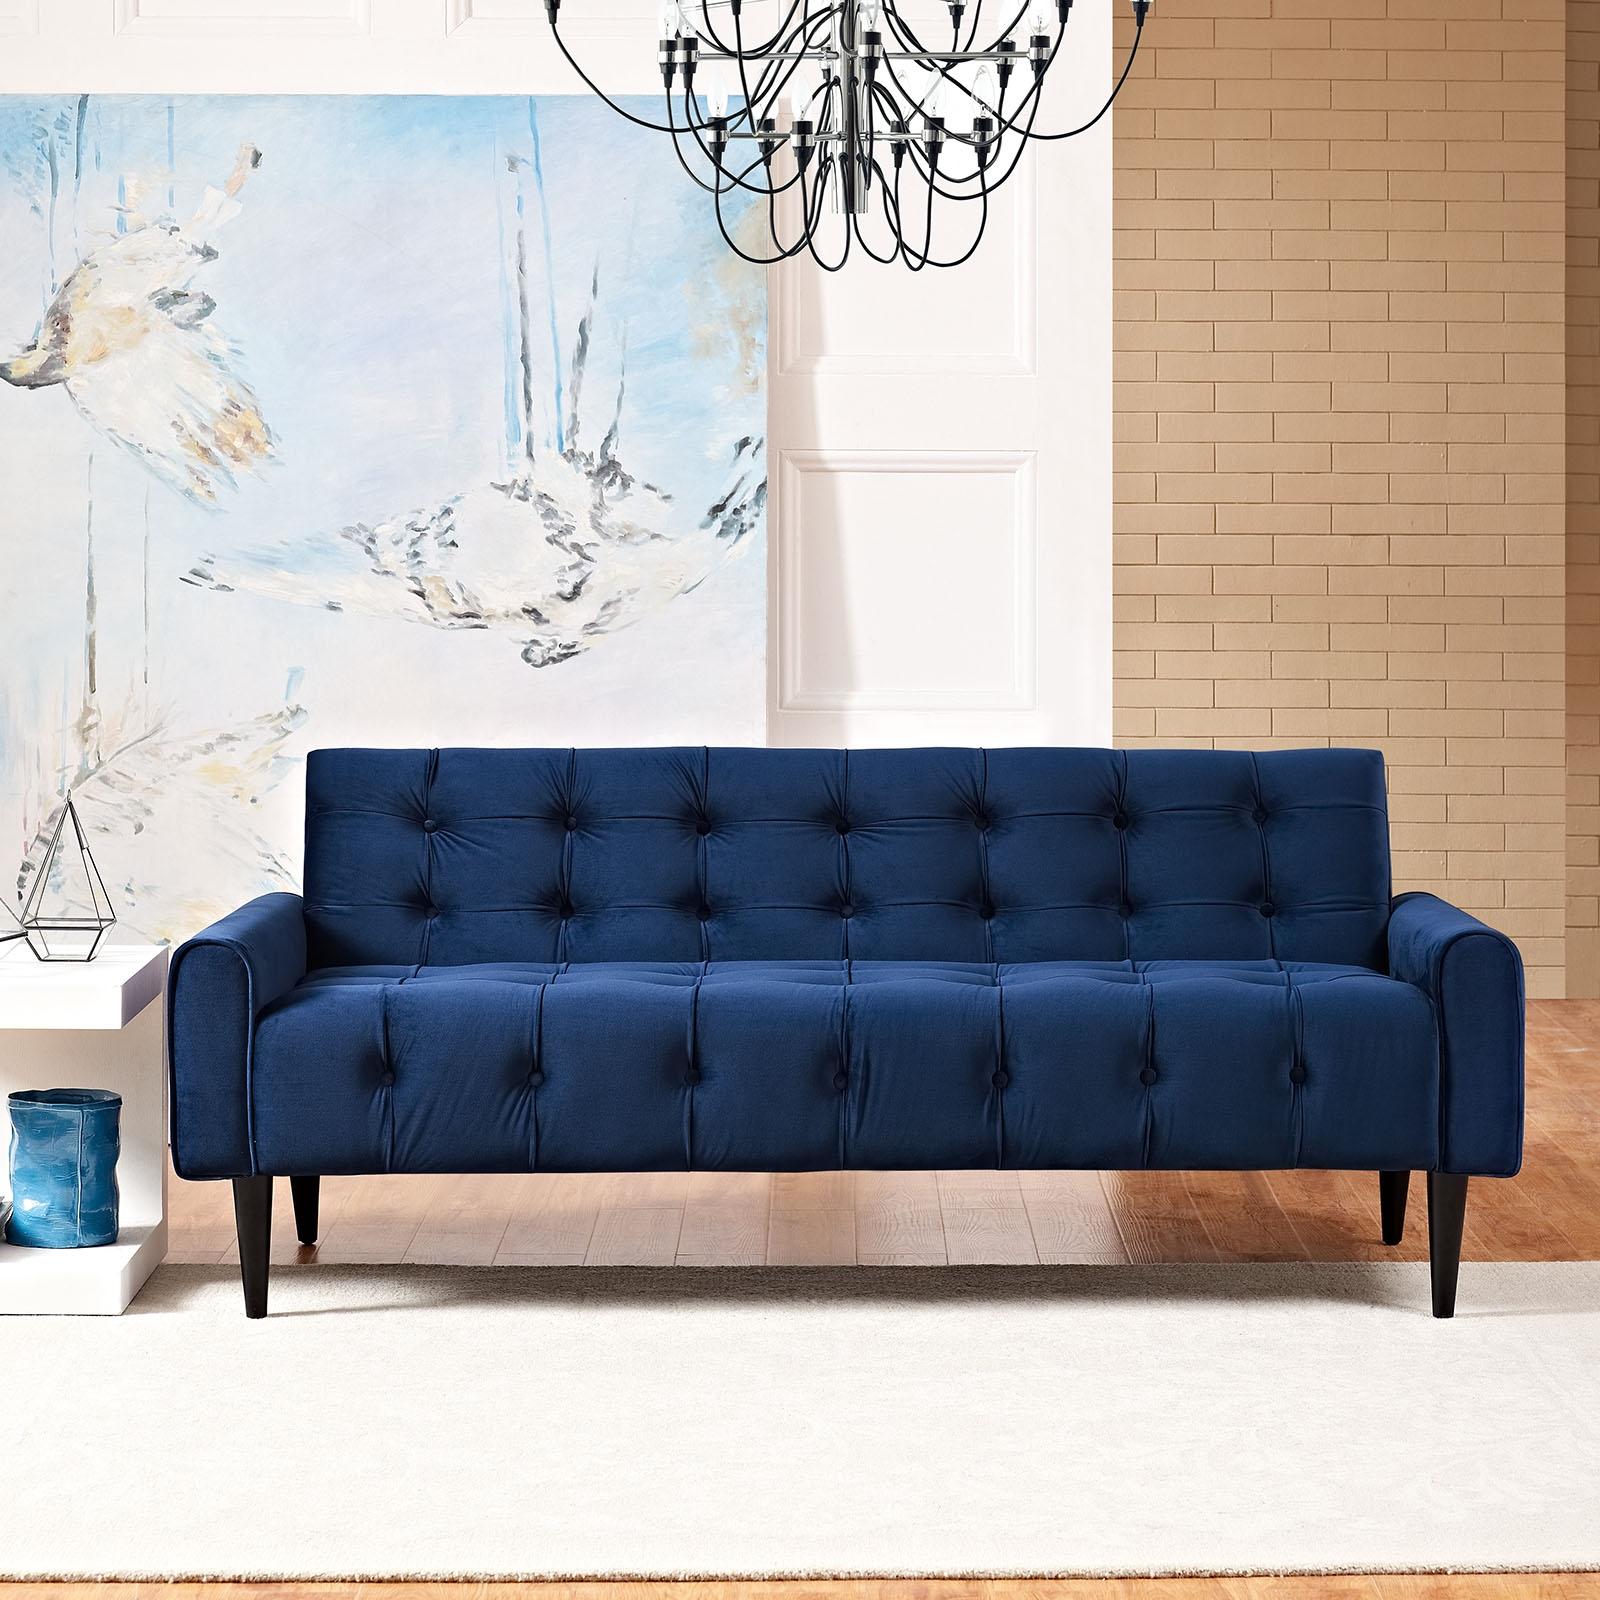 Velvet sofas ... delve velvet sofa in navy - lifestyle ... XINGREL